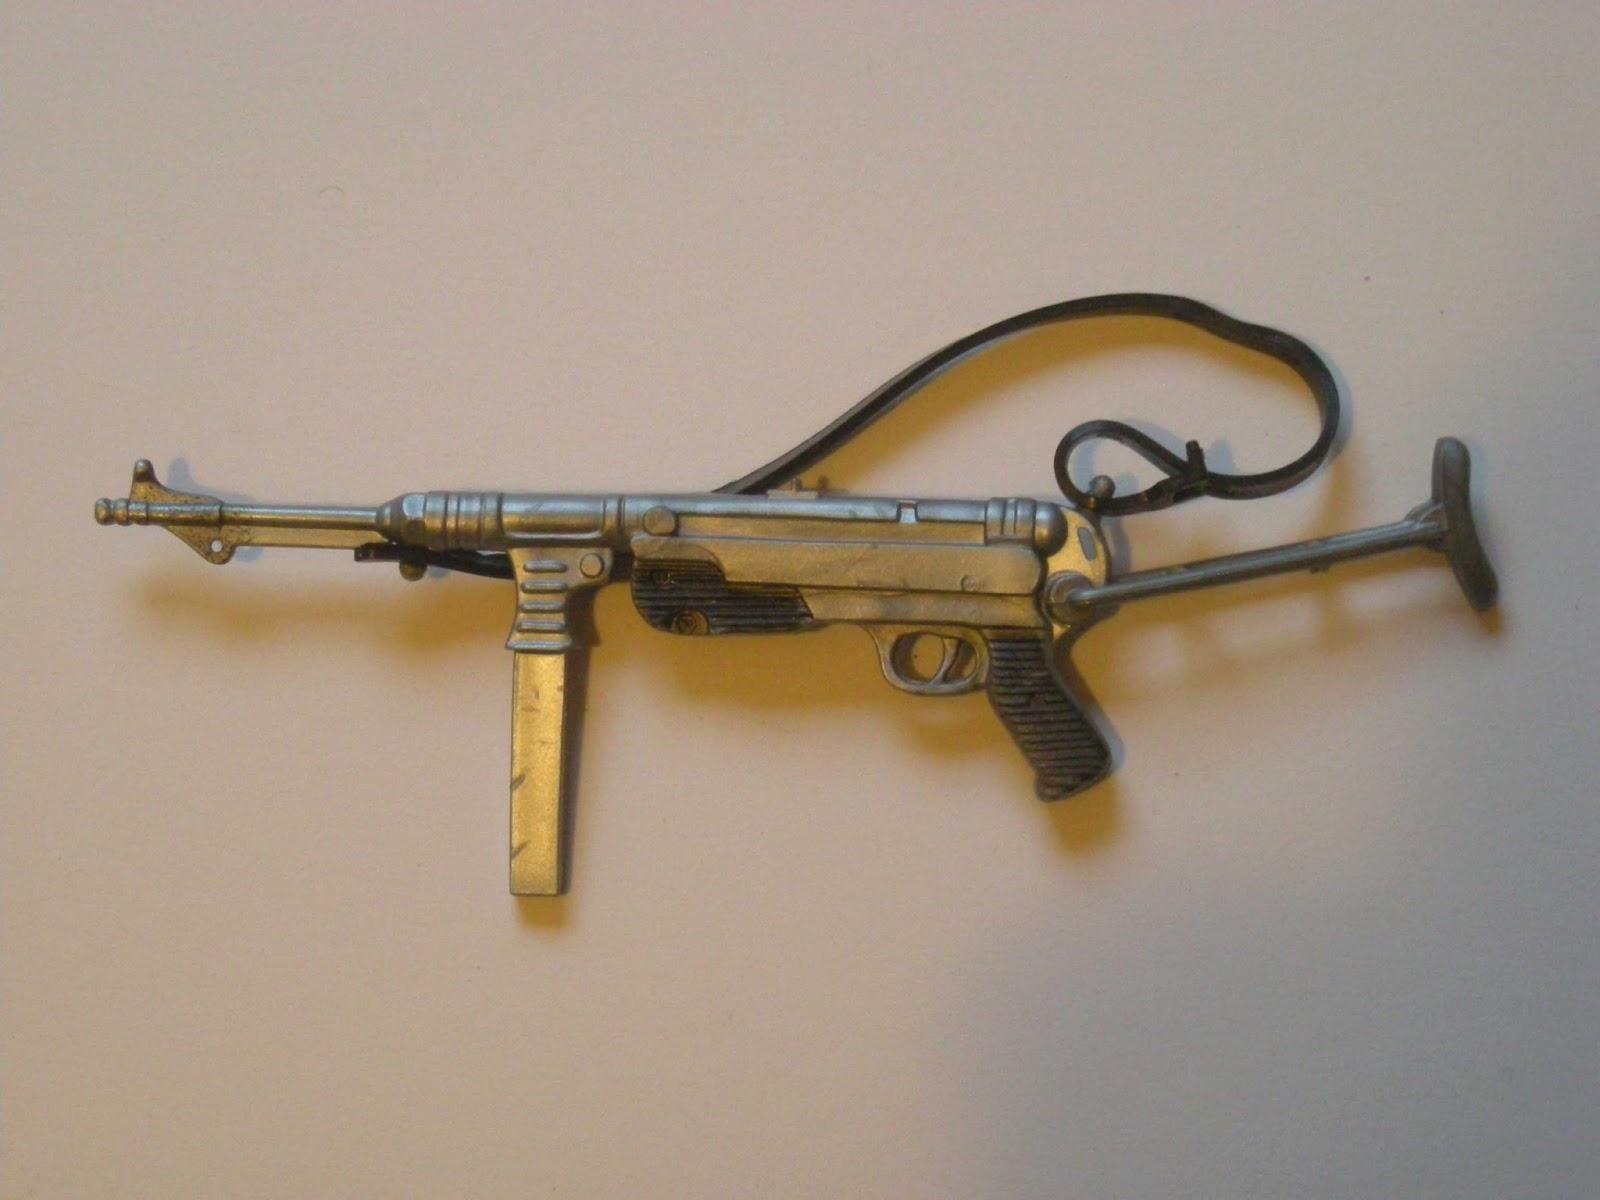 schmeisser machine pistol